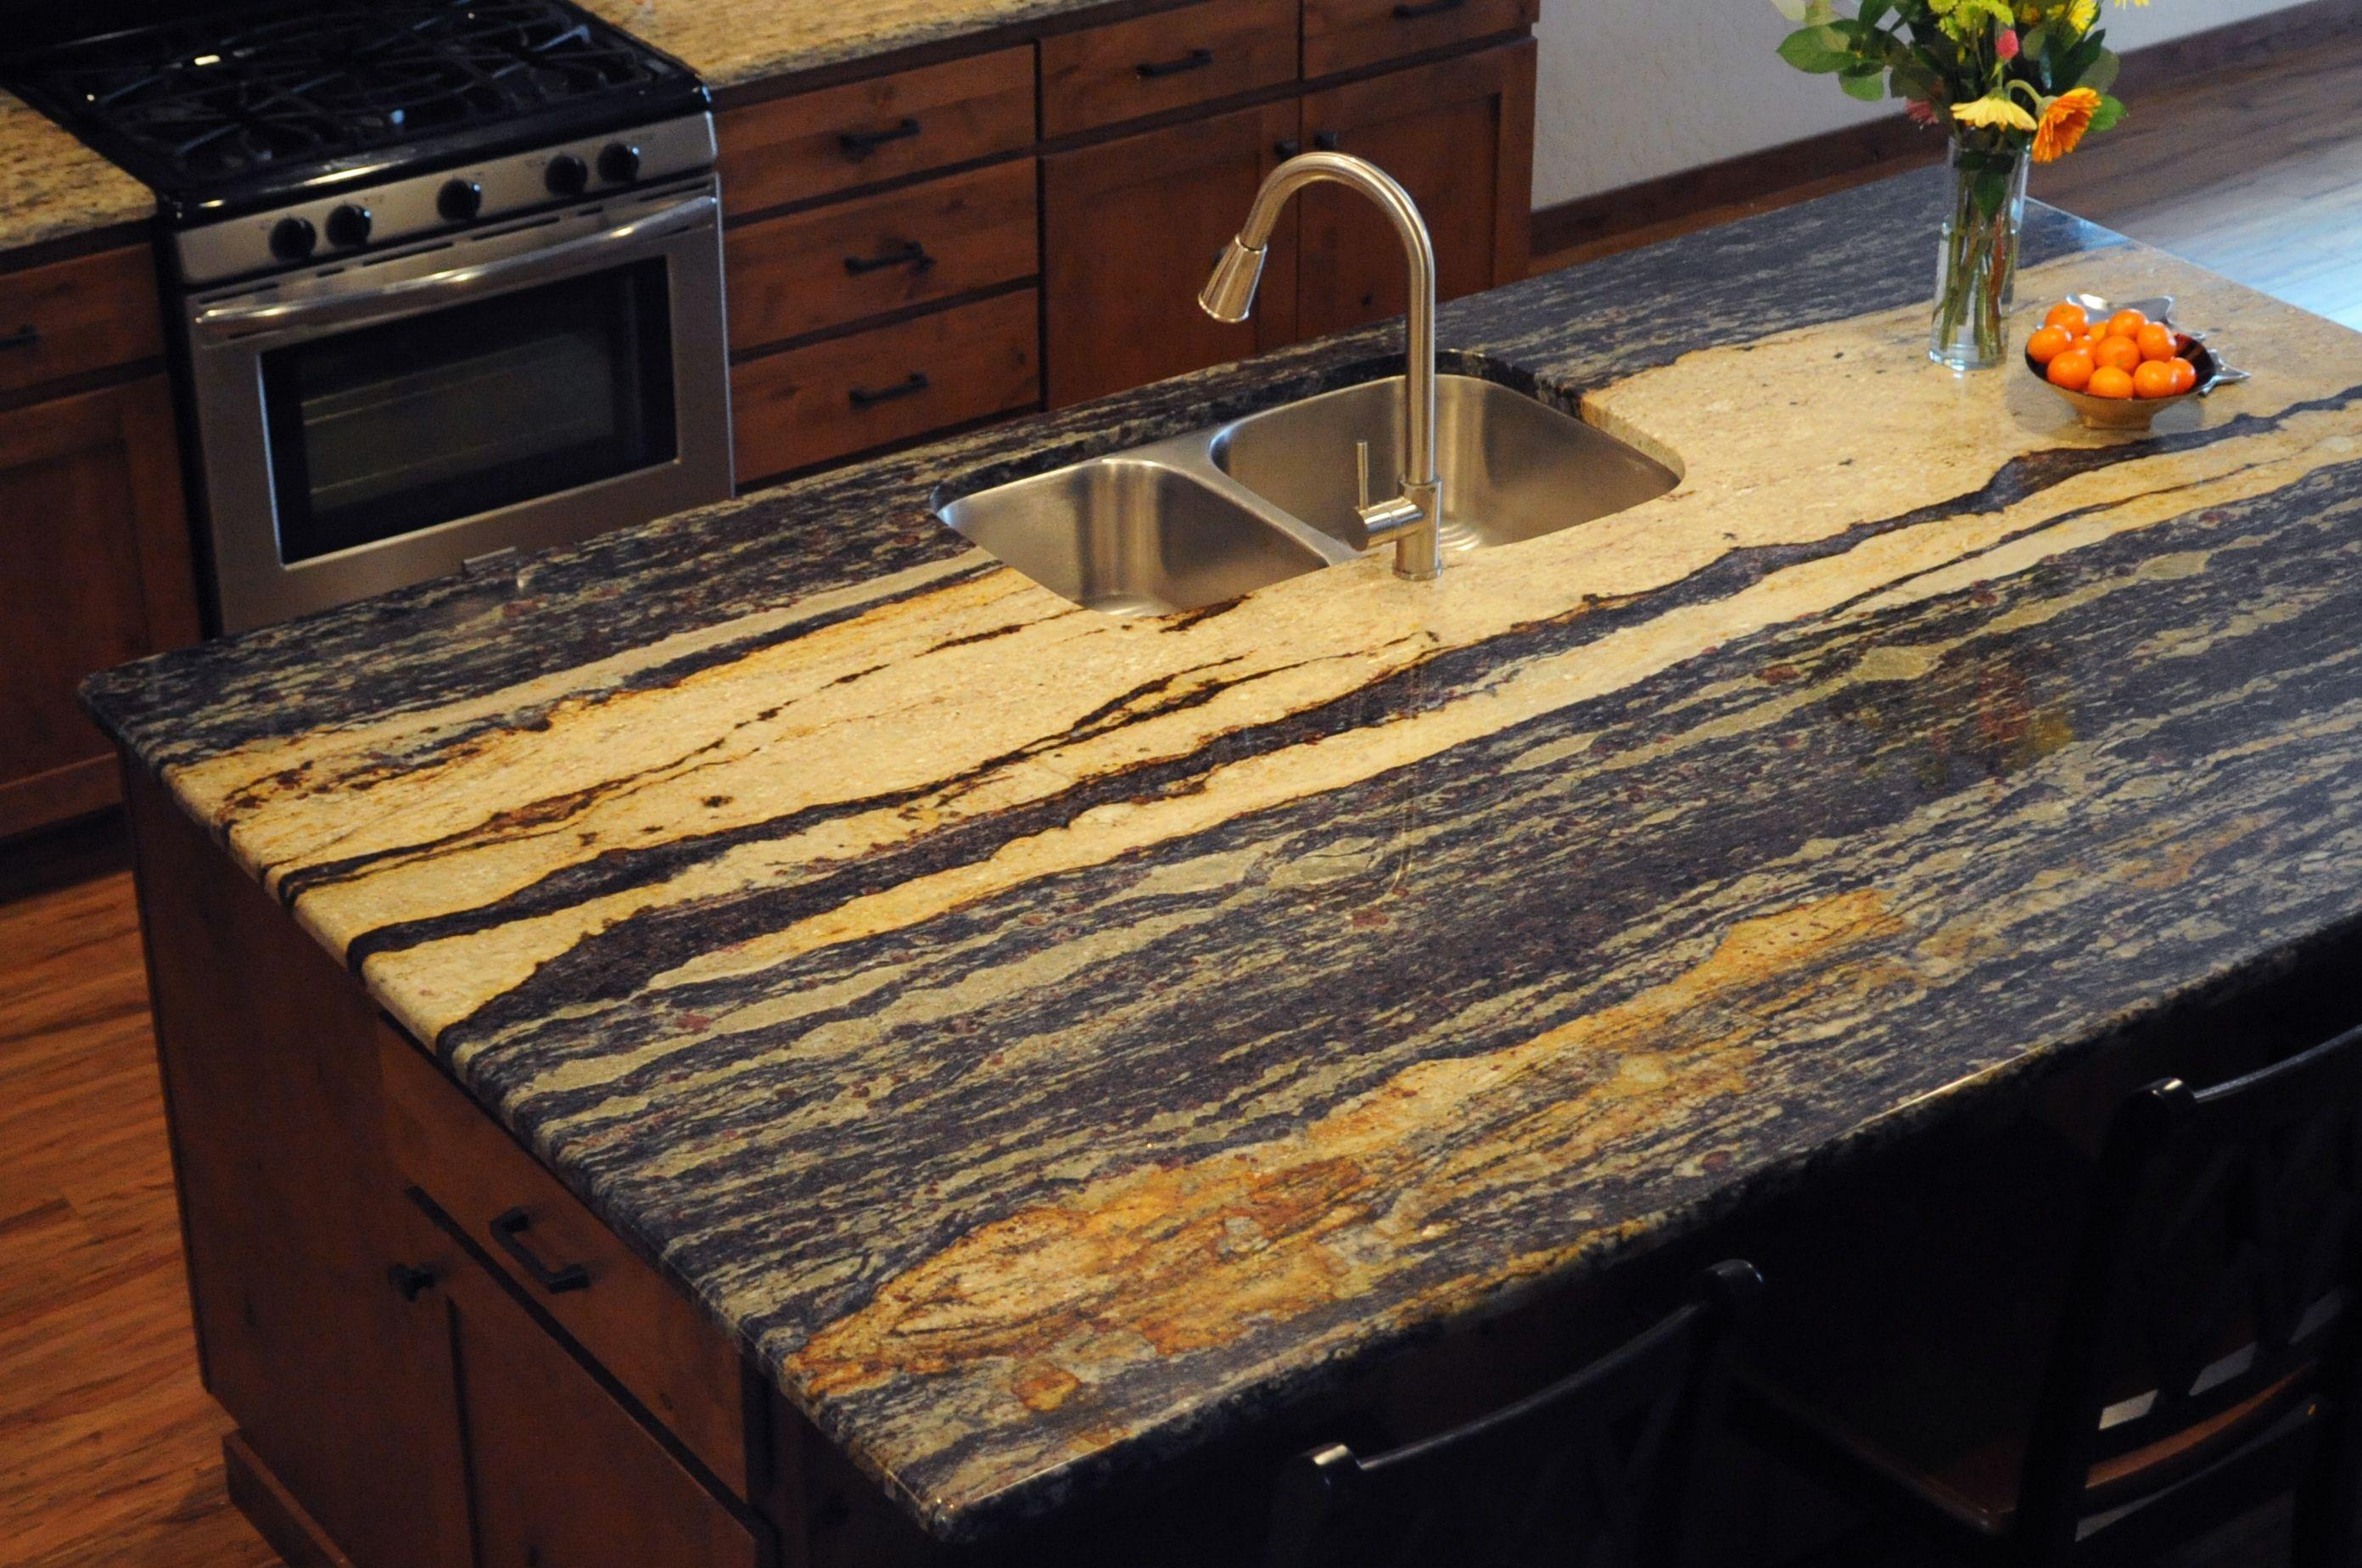 Lapidus Chiseled Edge Detail Granite Edges Granite Countertop